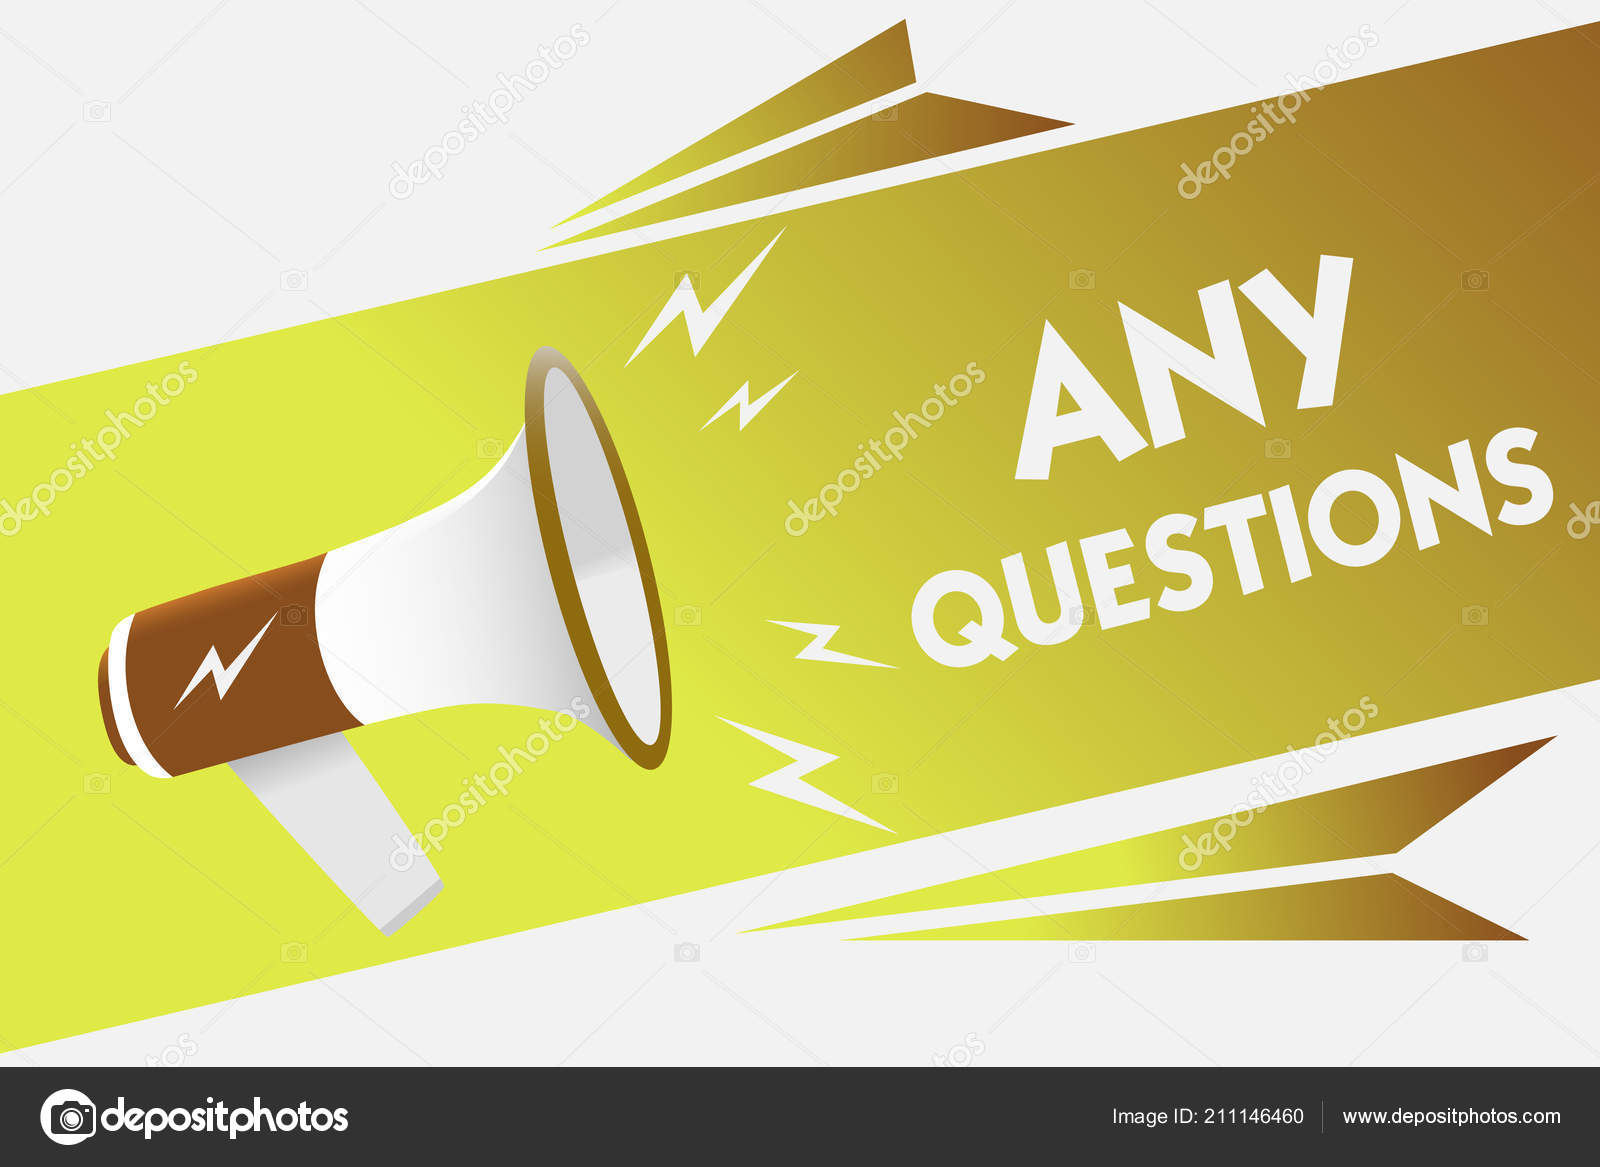 3be7ec5d75 Χειρογράφου γραπτώς το κείμενο τυχόν ερωτήσεις. Έννοια έννοια ανίδεοι κενό  αντιμετωπίζουν ερώτησής διαφορών καθετήρες θέματα